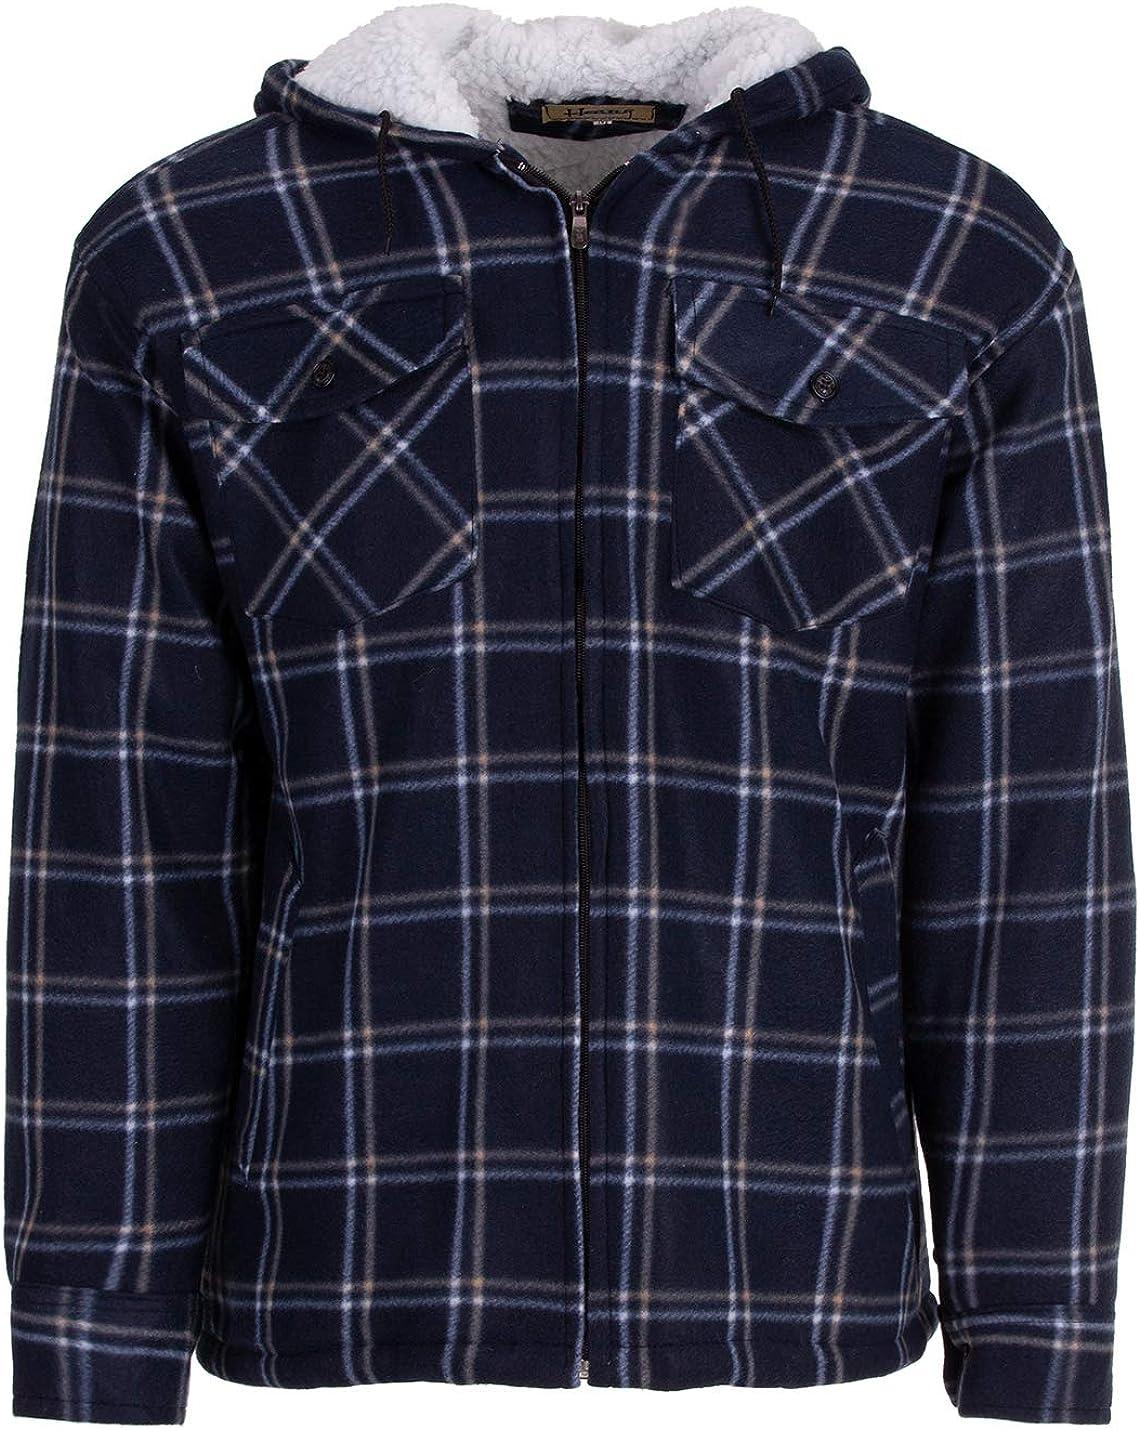 Hoang Textil GmbH Thermohemd Arbeitsjacke Herren Holzf/äller W/ärmeisolierend